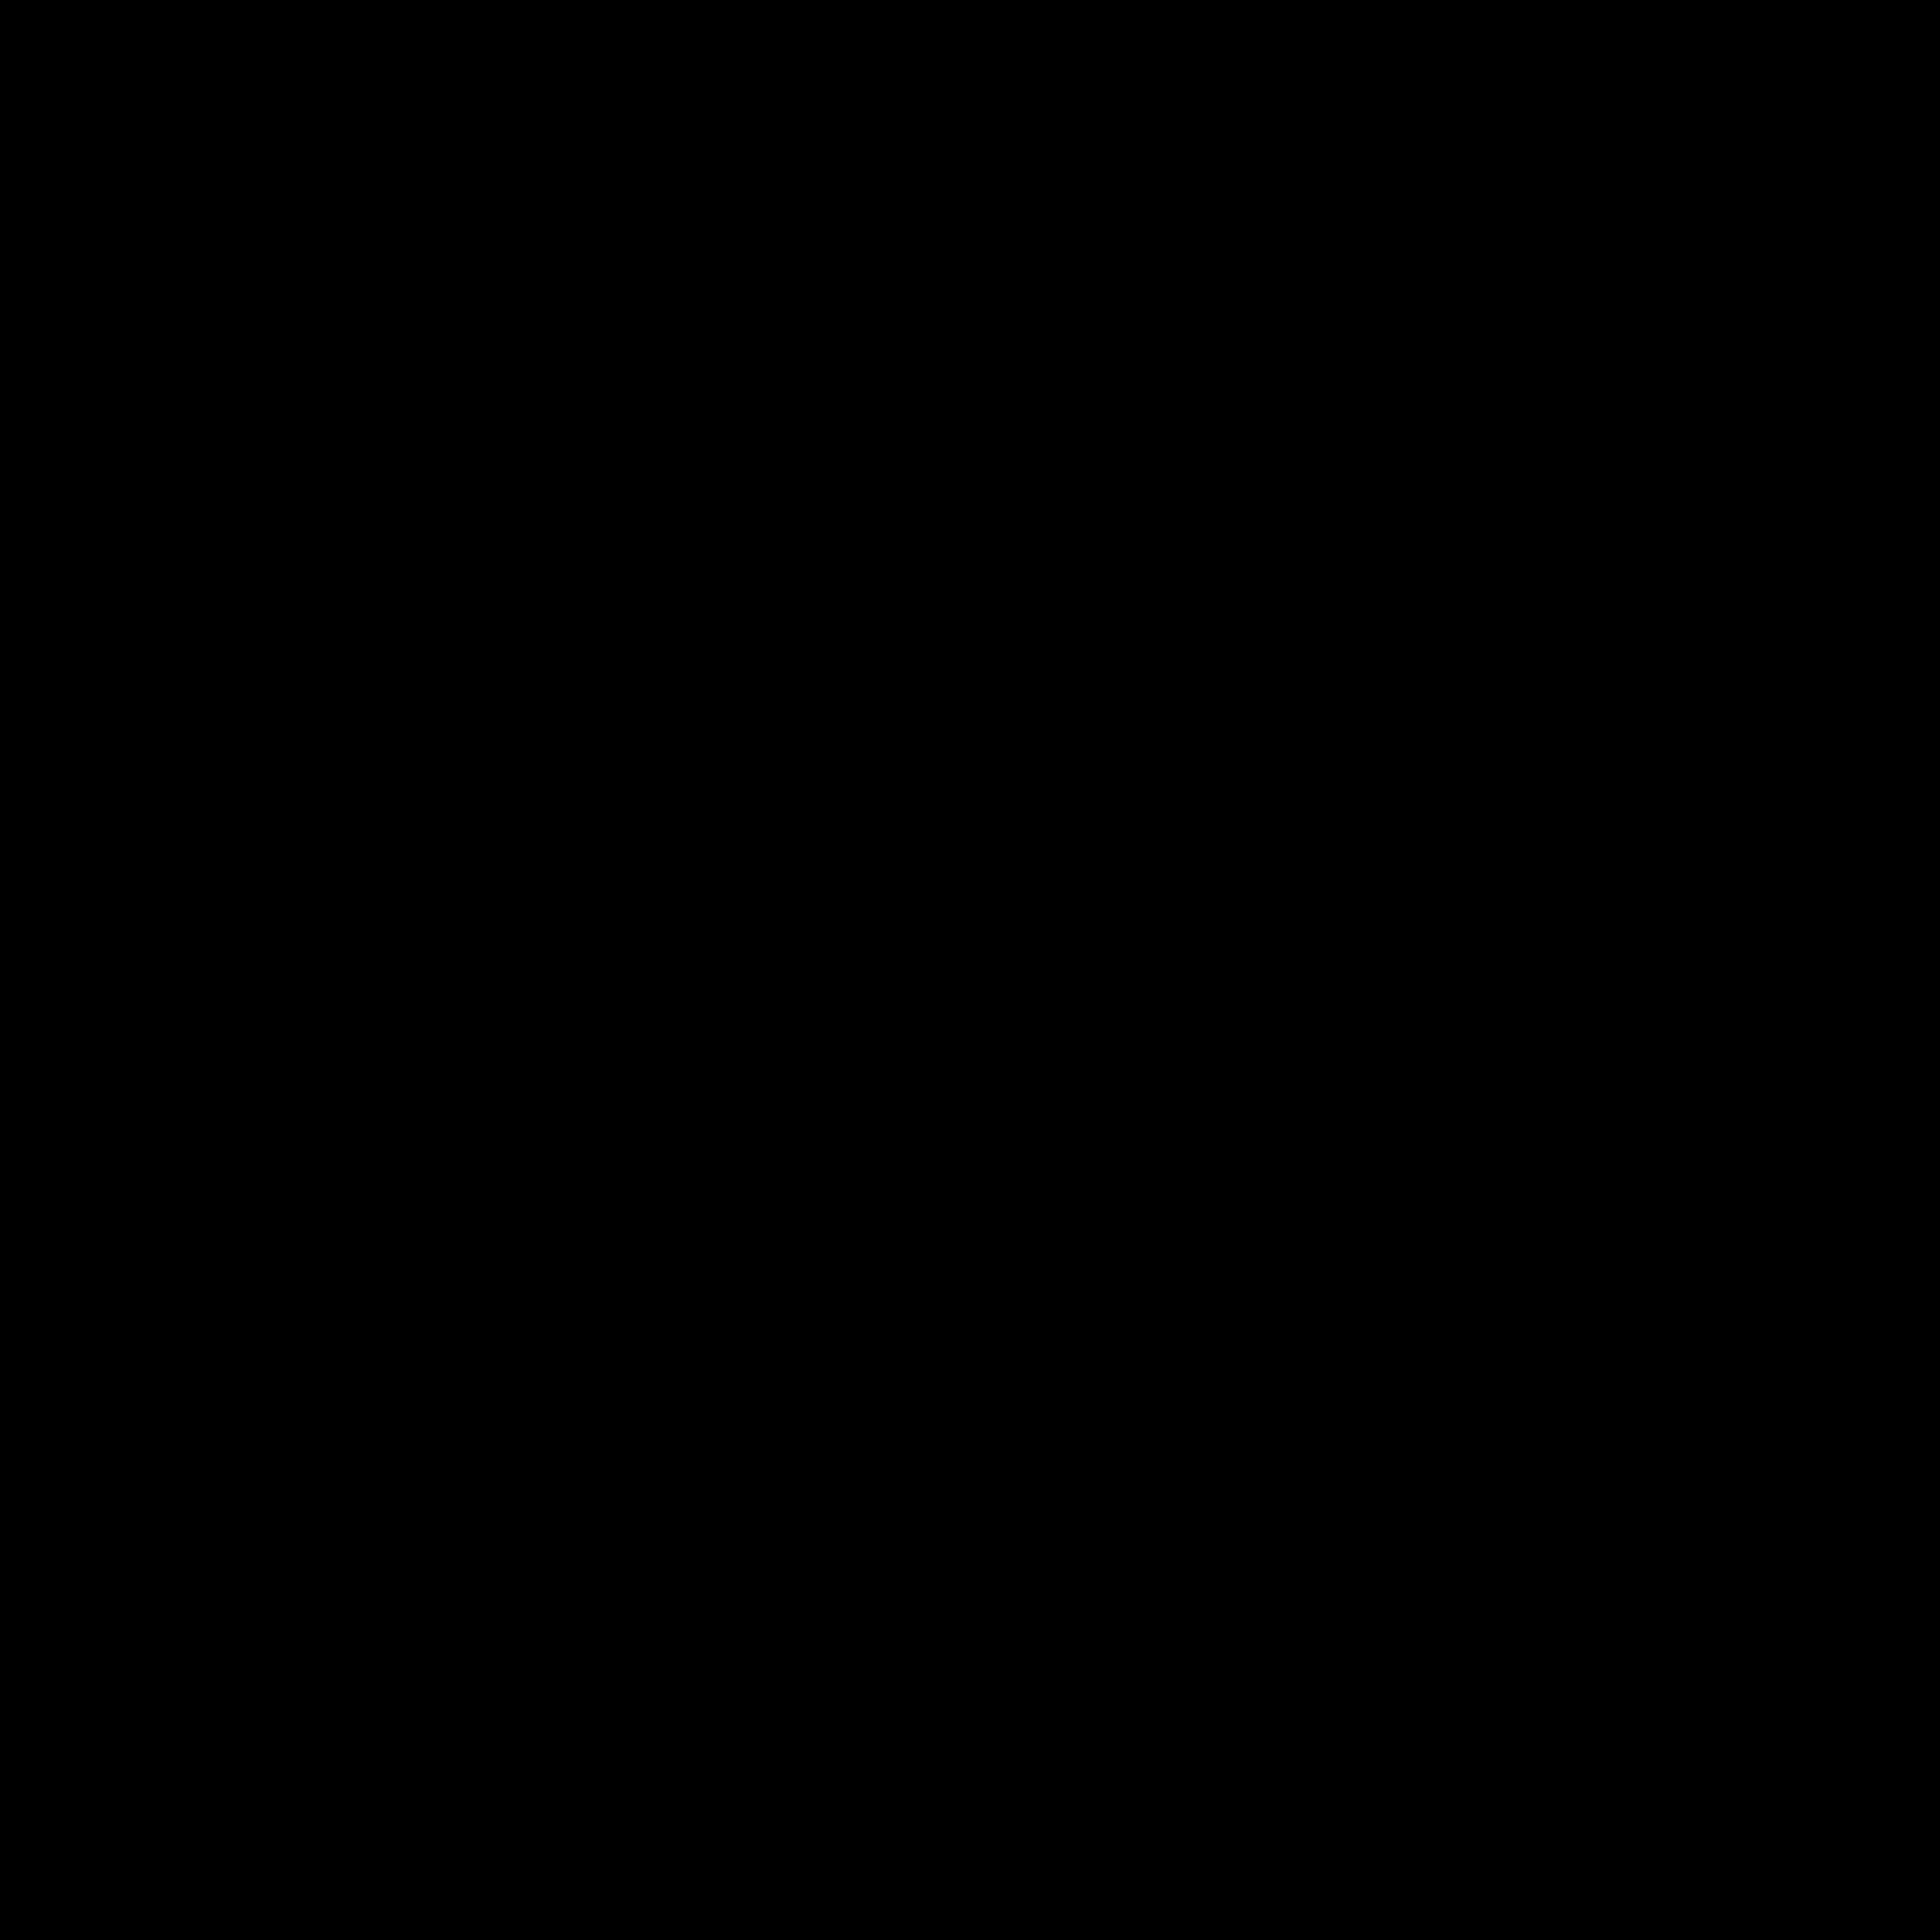 Mercury_symbol-underluckystars